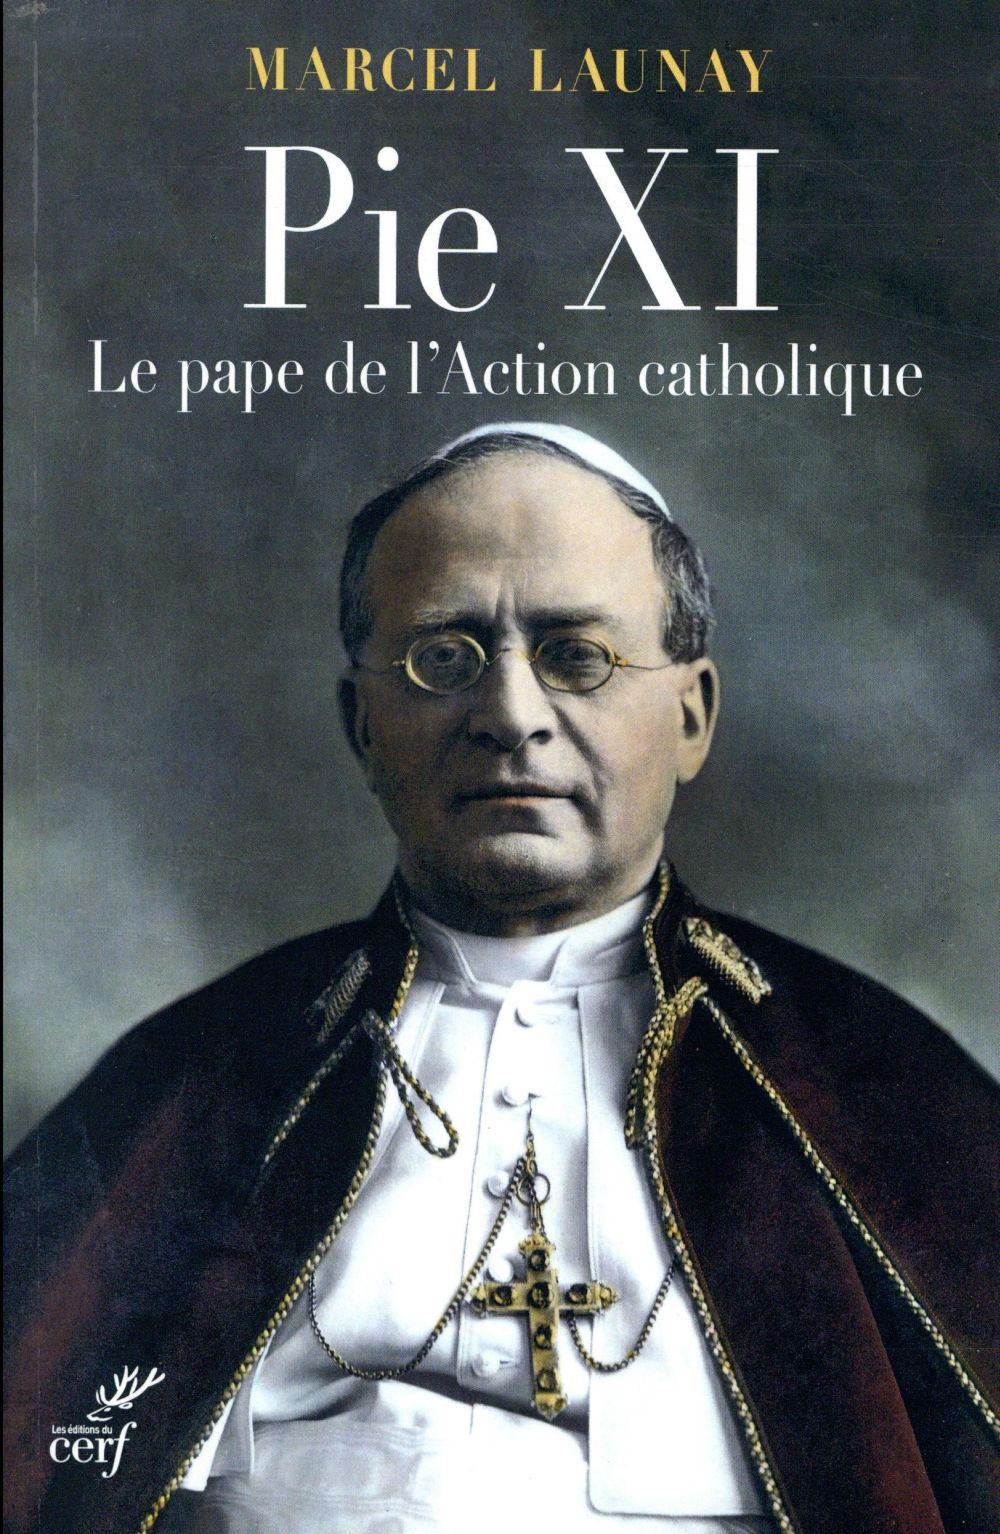 PIE XI, LE PAPE DE L'ACTION CATHOLIQUE